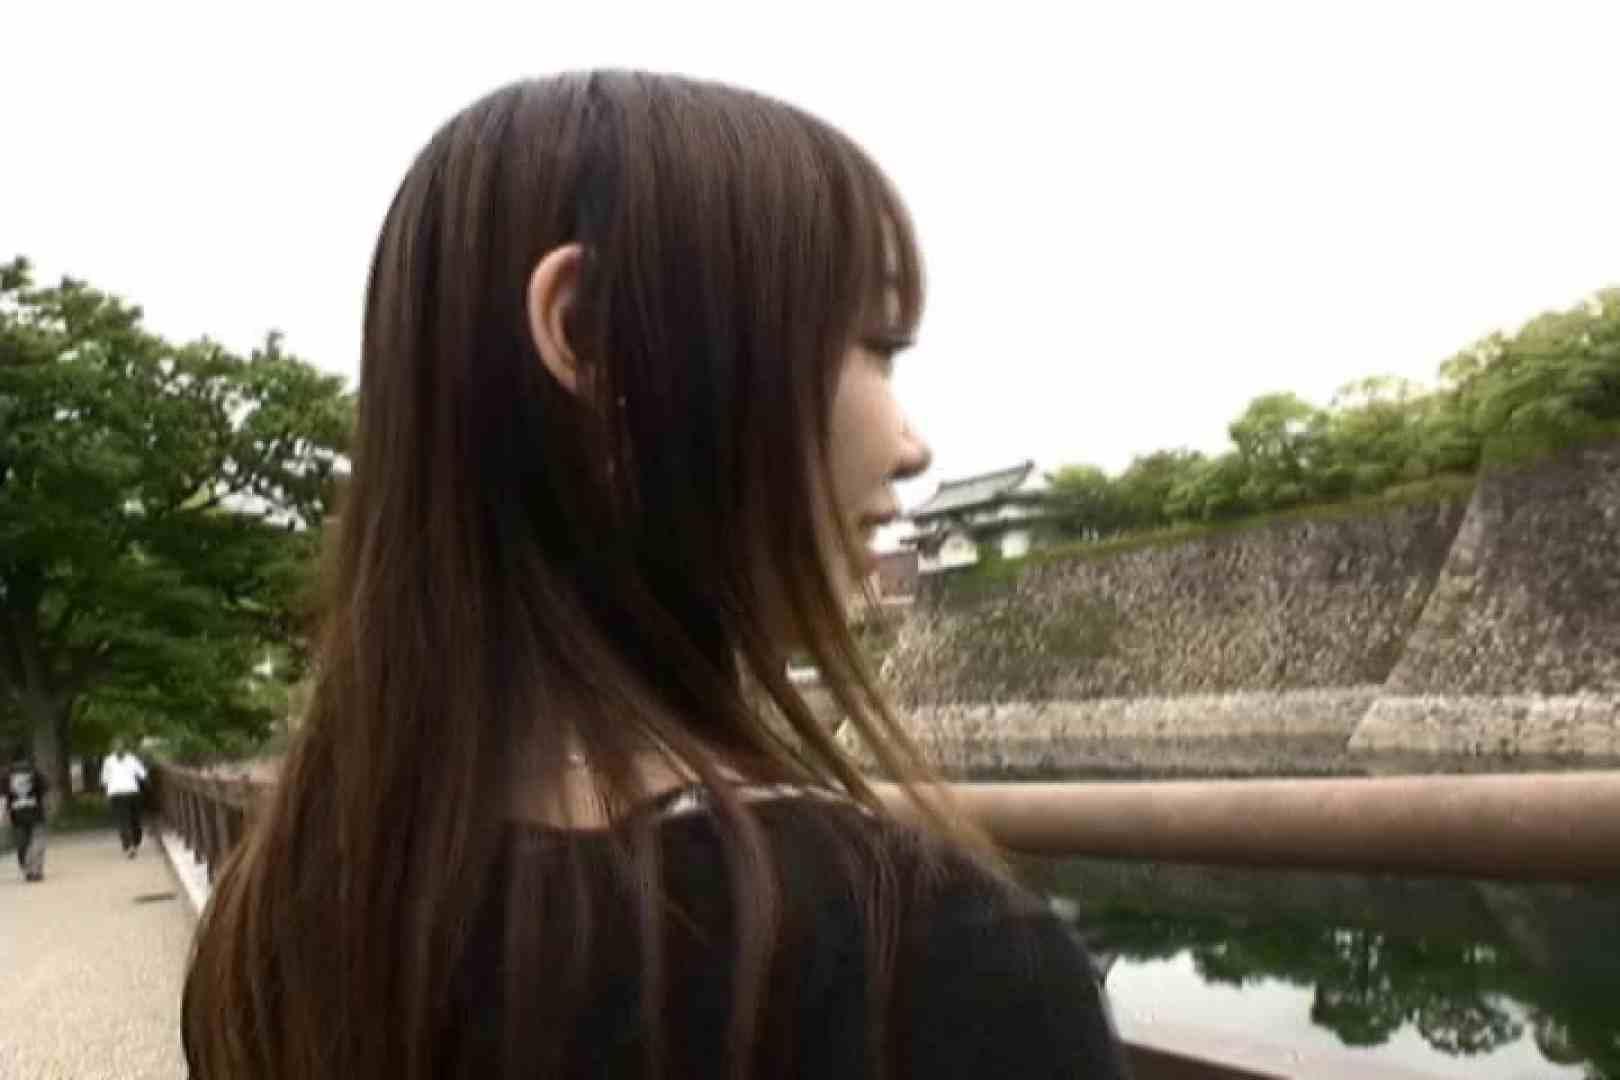 ハイビジョンパンチラ オッテQさんの追跡パンチラ階段編Vol.04 パンチラ セックス画像 83連発 51